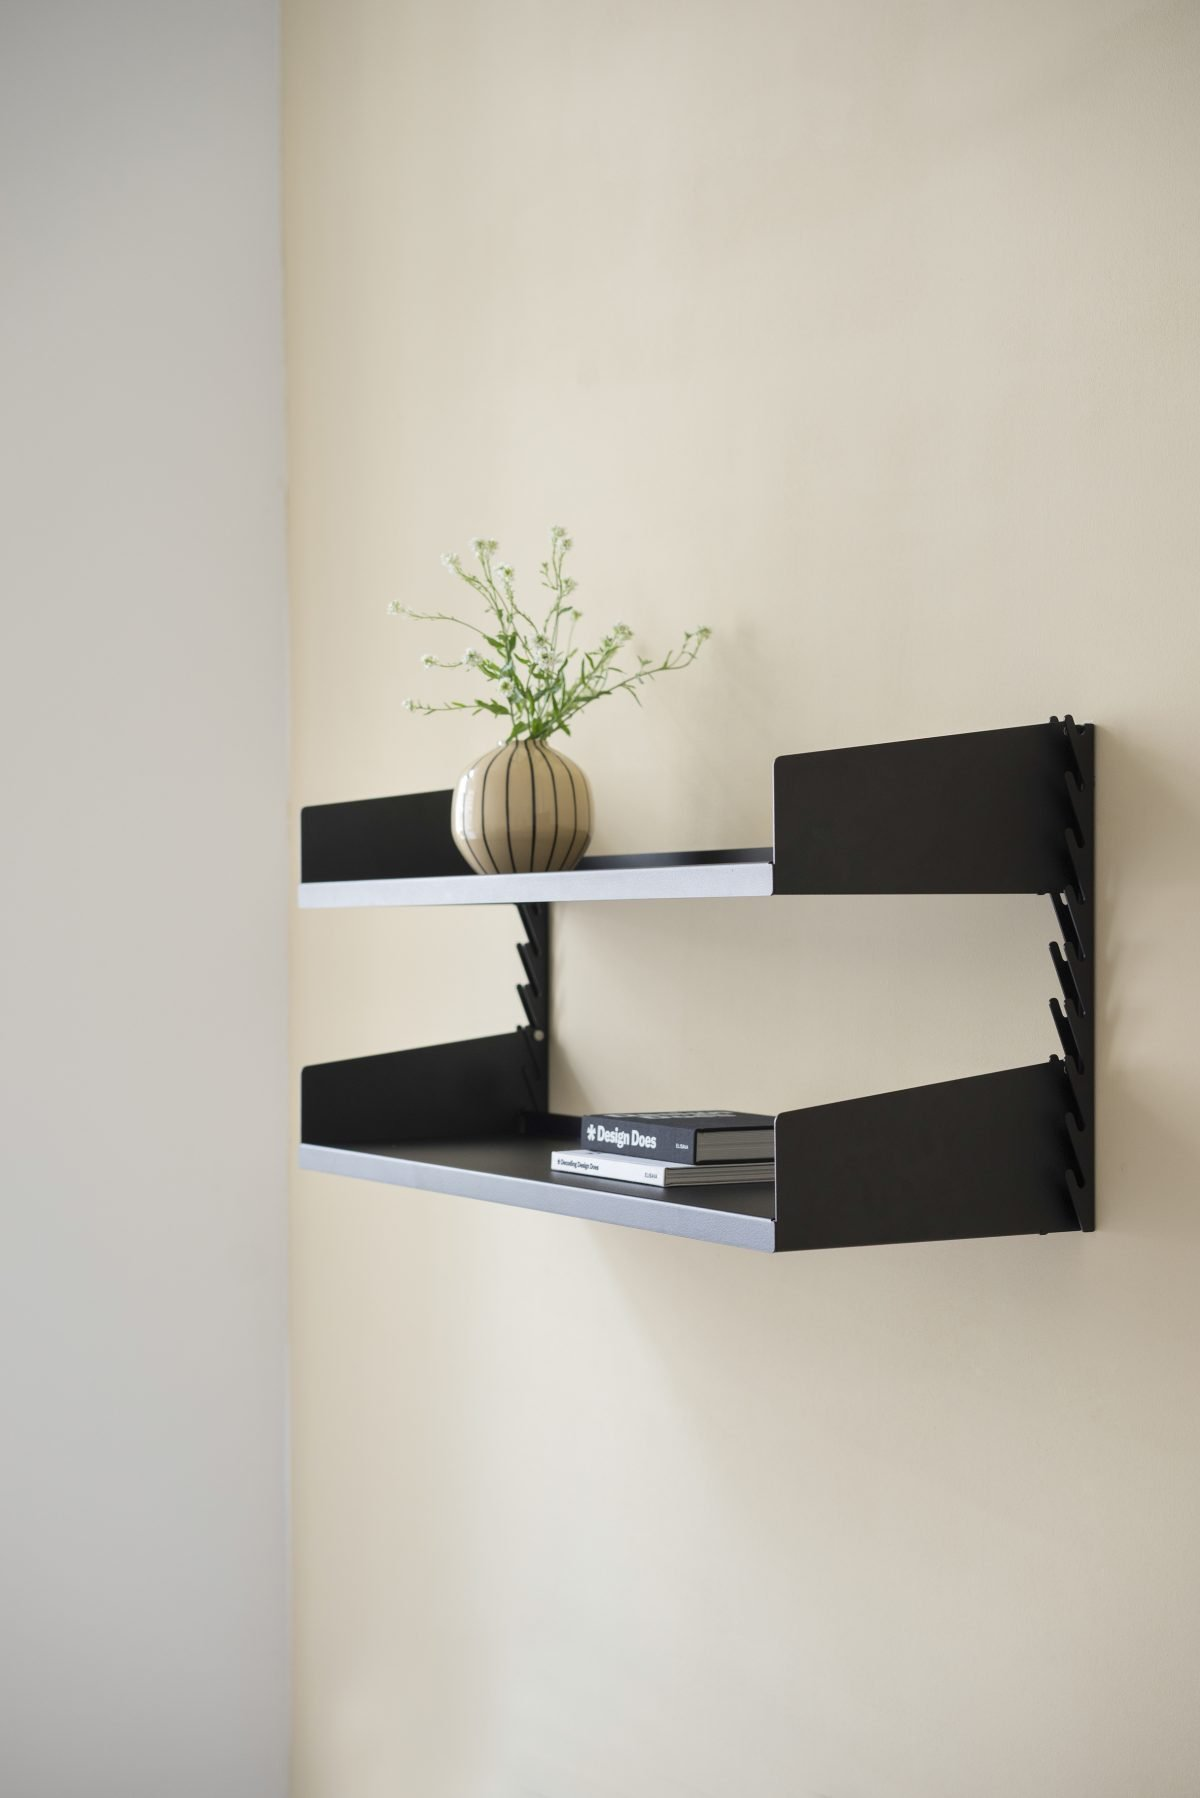 Even Better Shelf / Set 3